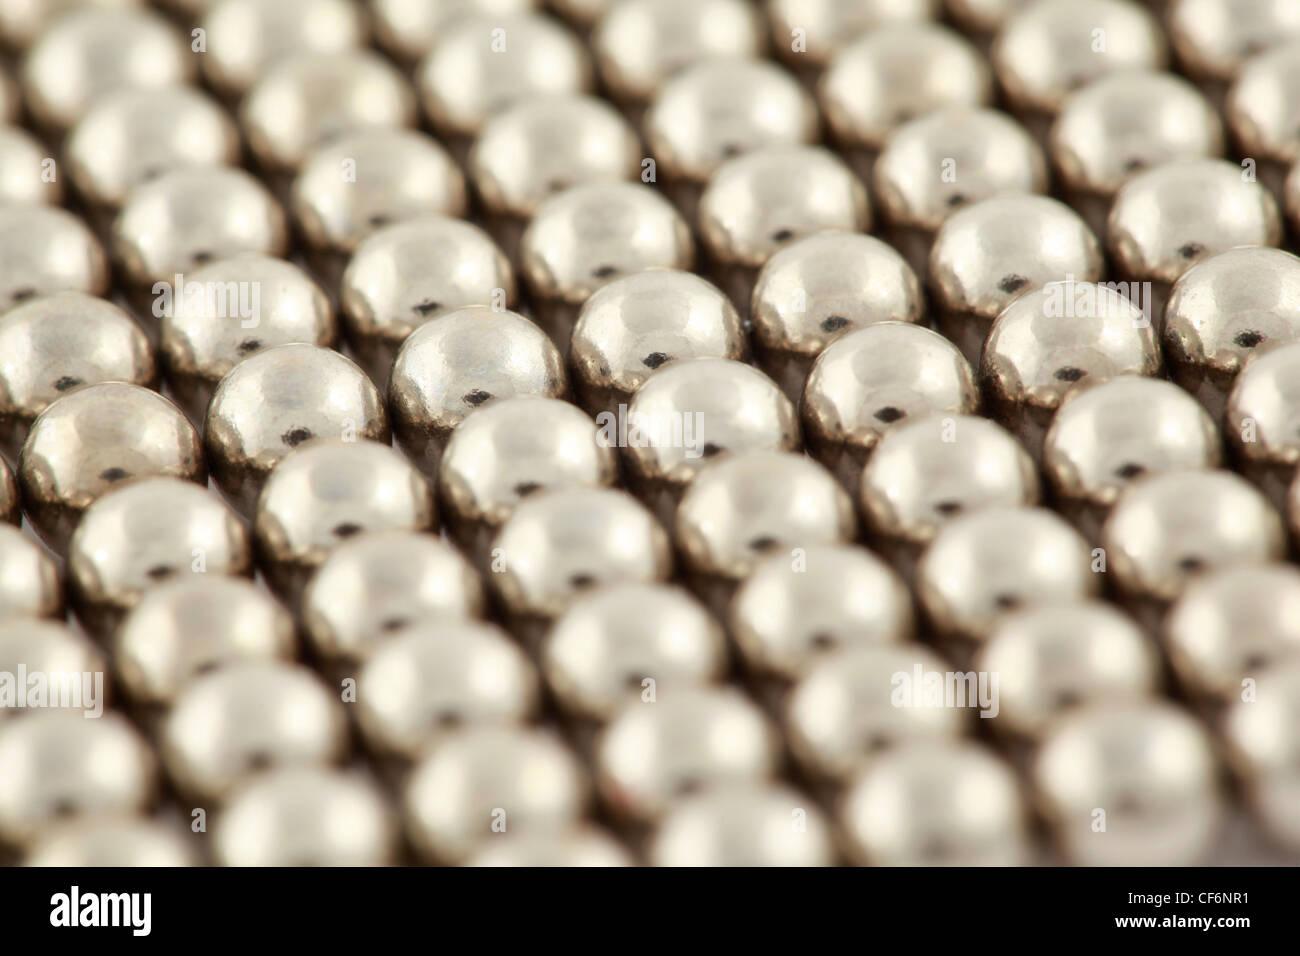 Silberne Perlen sind miteinander verflochten. Stockbild